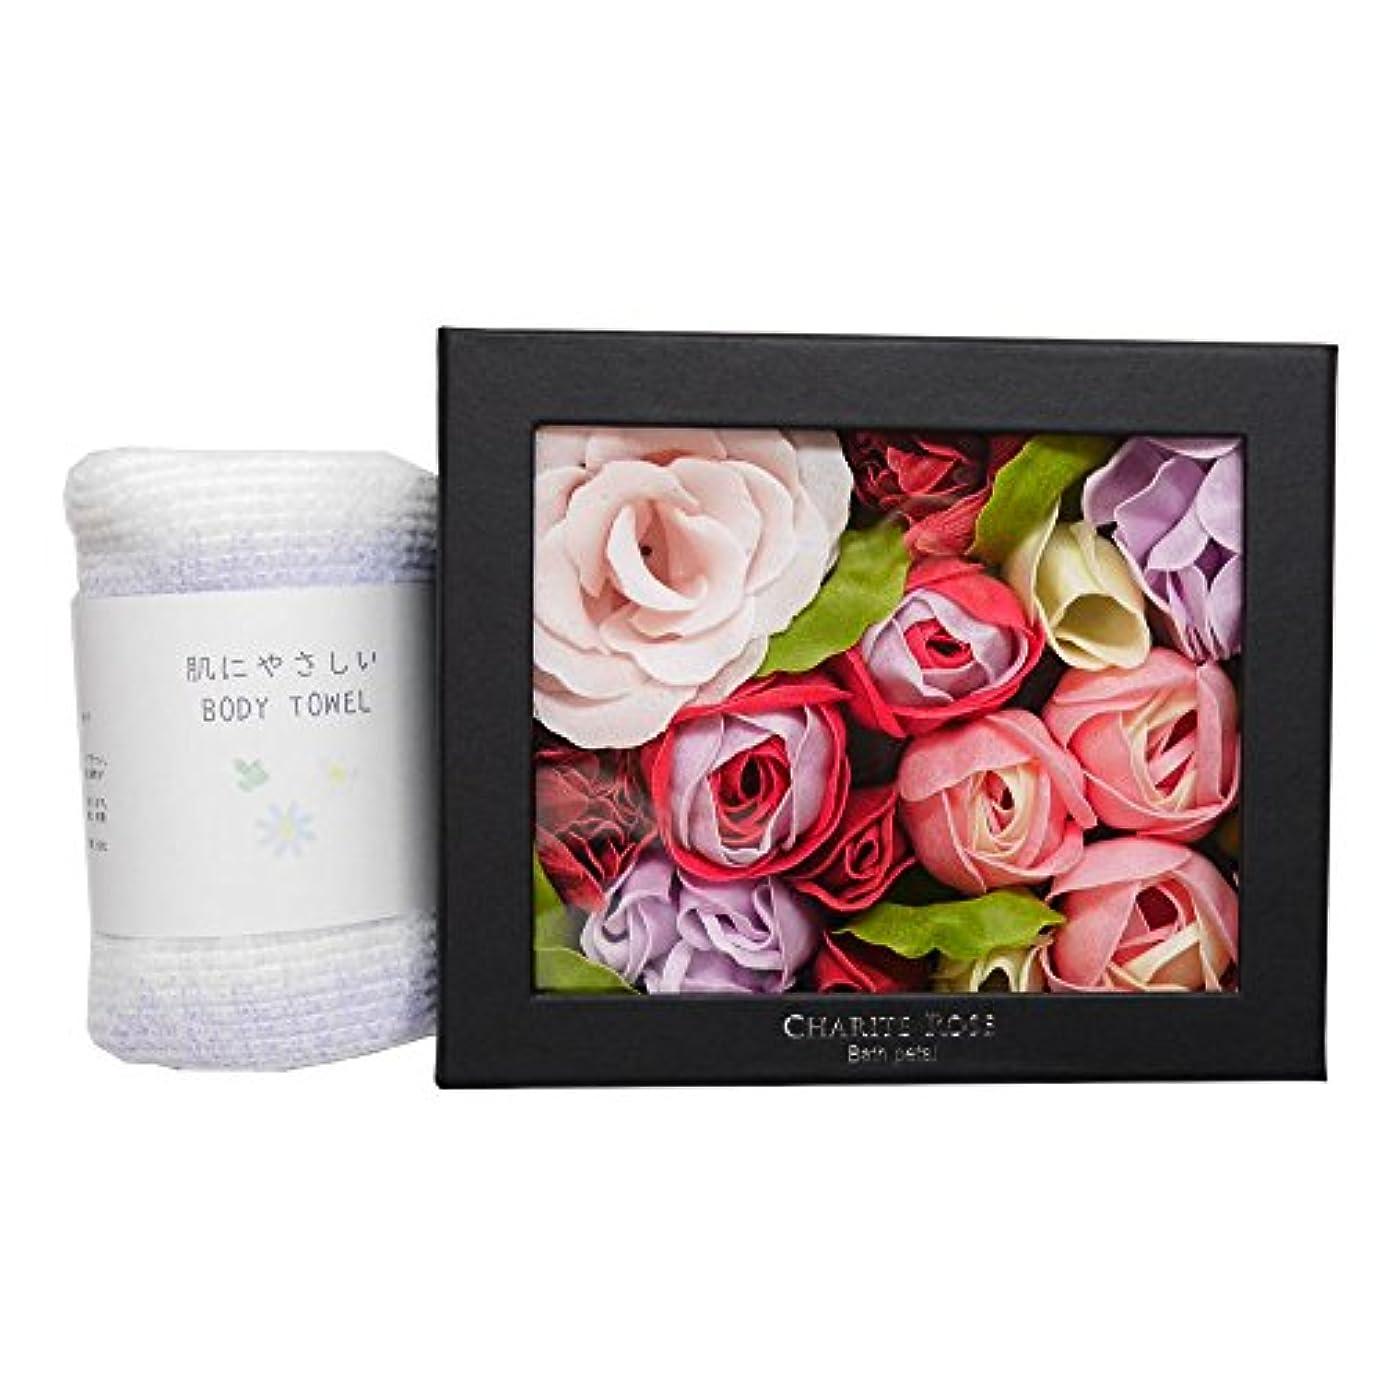 対角線見物人折るローズ バスペタル グロスローズ ピンク ボディタオル セット /バラ お花 入浴剤 母の日 お祝い 記念日 贈り物 プレゼント